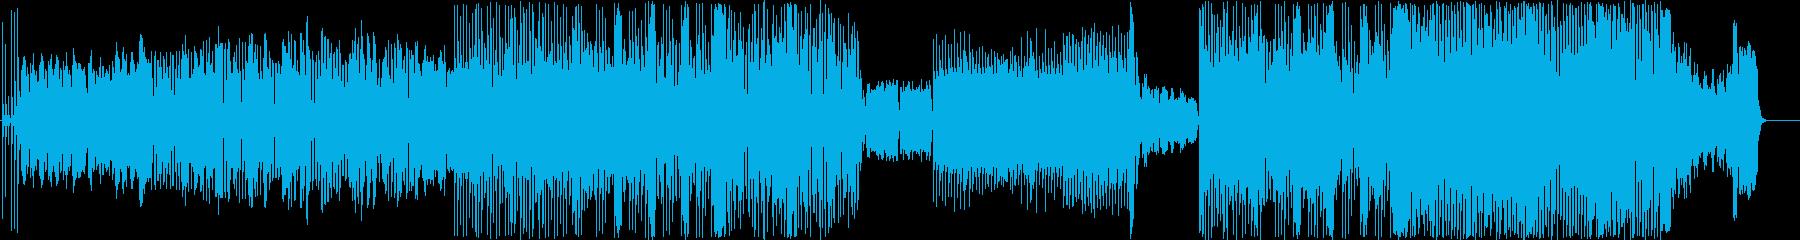 【変拍子】夏、けだるい、アコーディオンの再生済みの波形